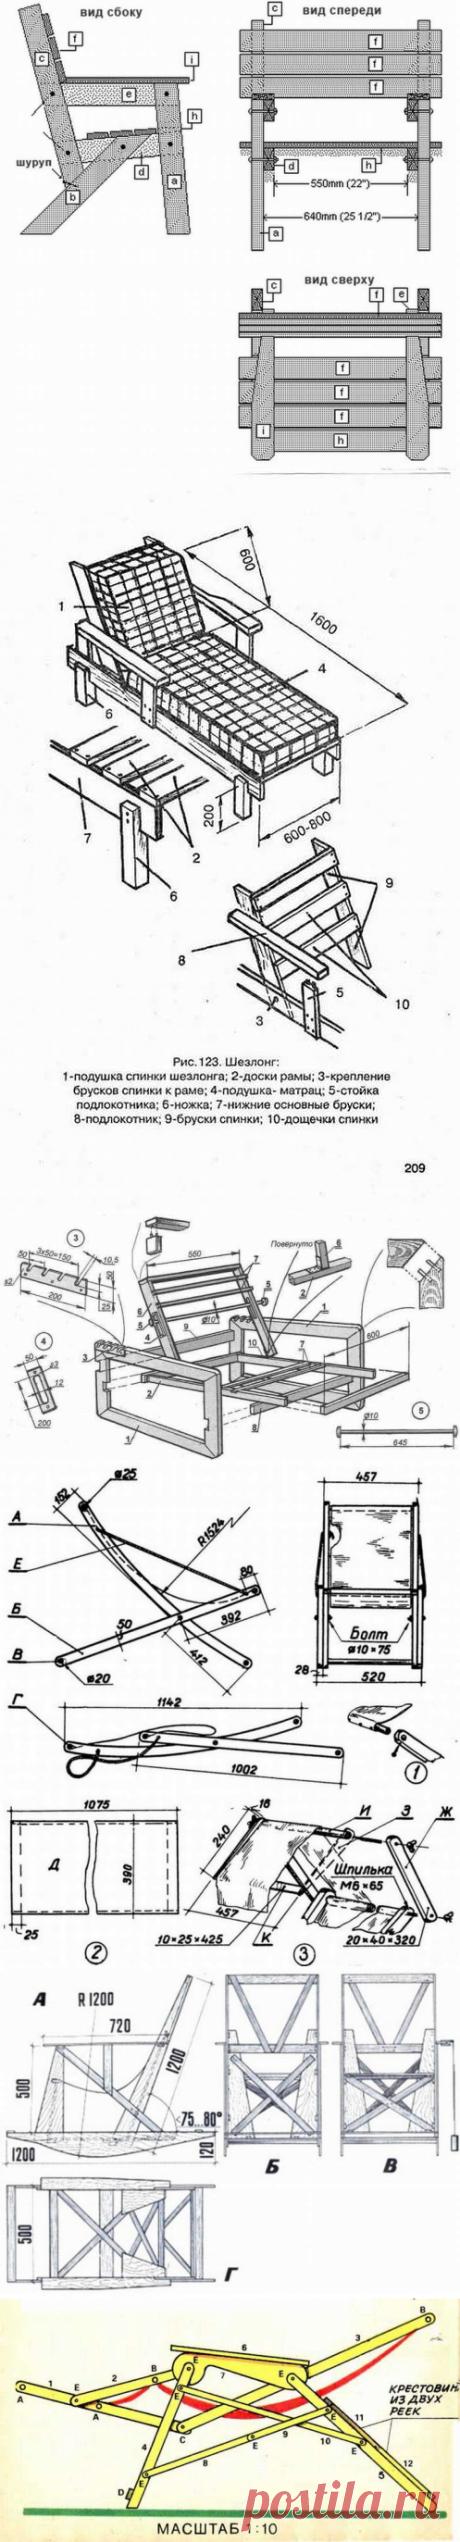 Los esquemas del montaje de las tumbonas y las camillas